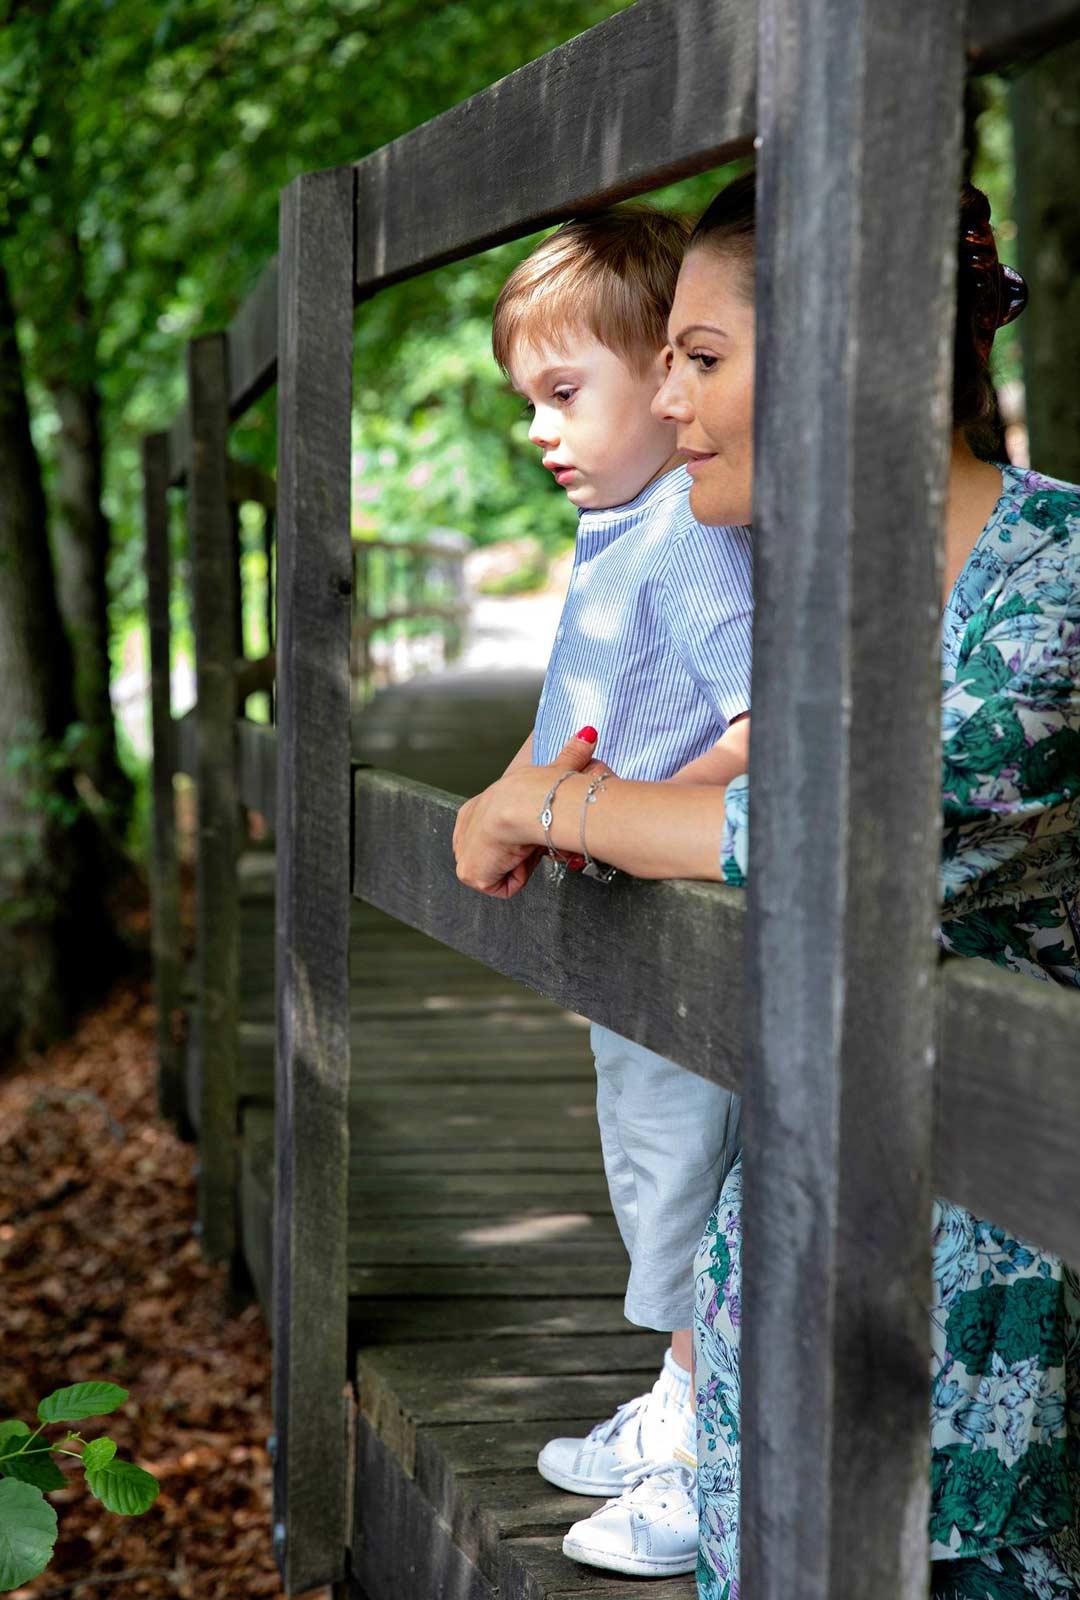 Ulkoilmaihmisinä Victoria ja Daniel ovat halunneet jakaa rakkauttaan luontoa kohtaan myös lapsilleen. Viime kesänä prinssi Oscar pääsi Söderåsensin kansallispuistoon.